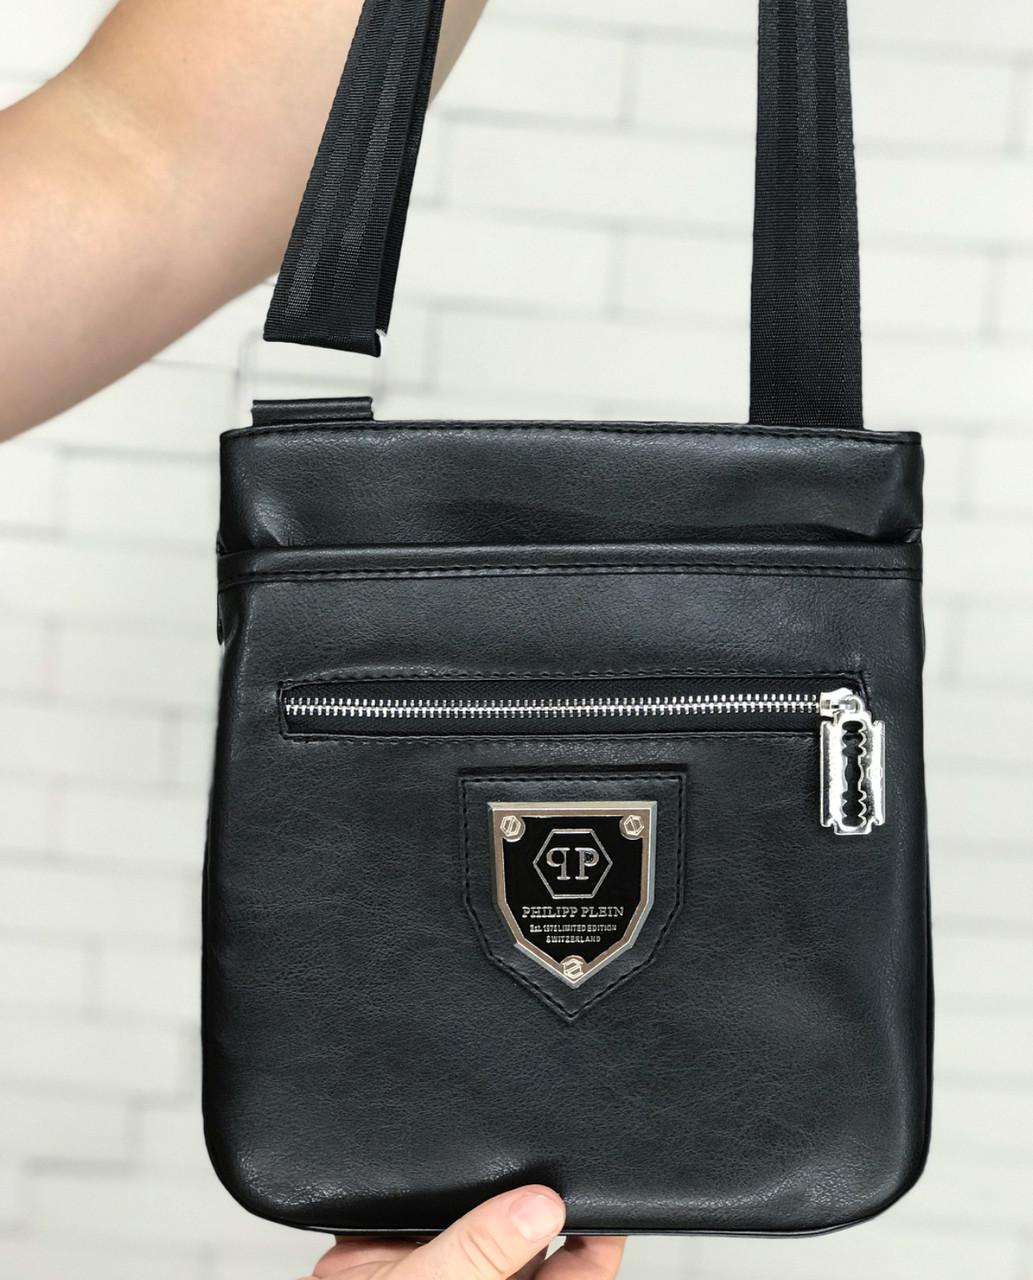 96552c330e7f Сумка мужская через плечо почтальенка брендовая Philipp Plein копия  высокого качества